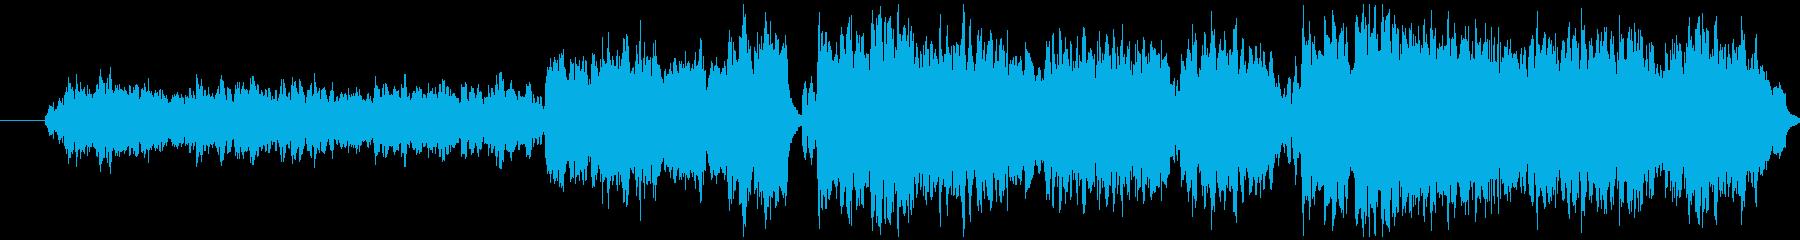 純真なイメージのバラードの再生済みの波形